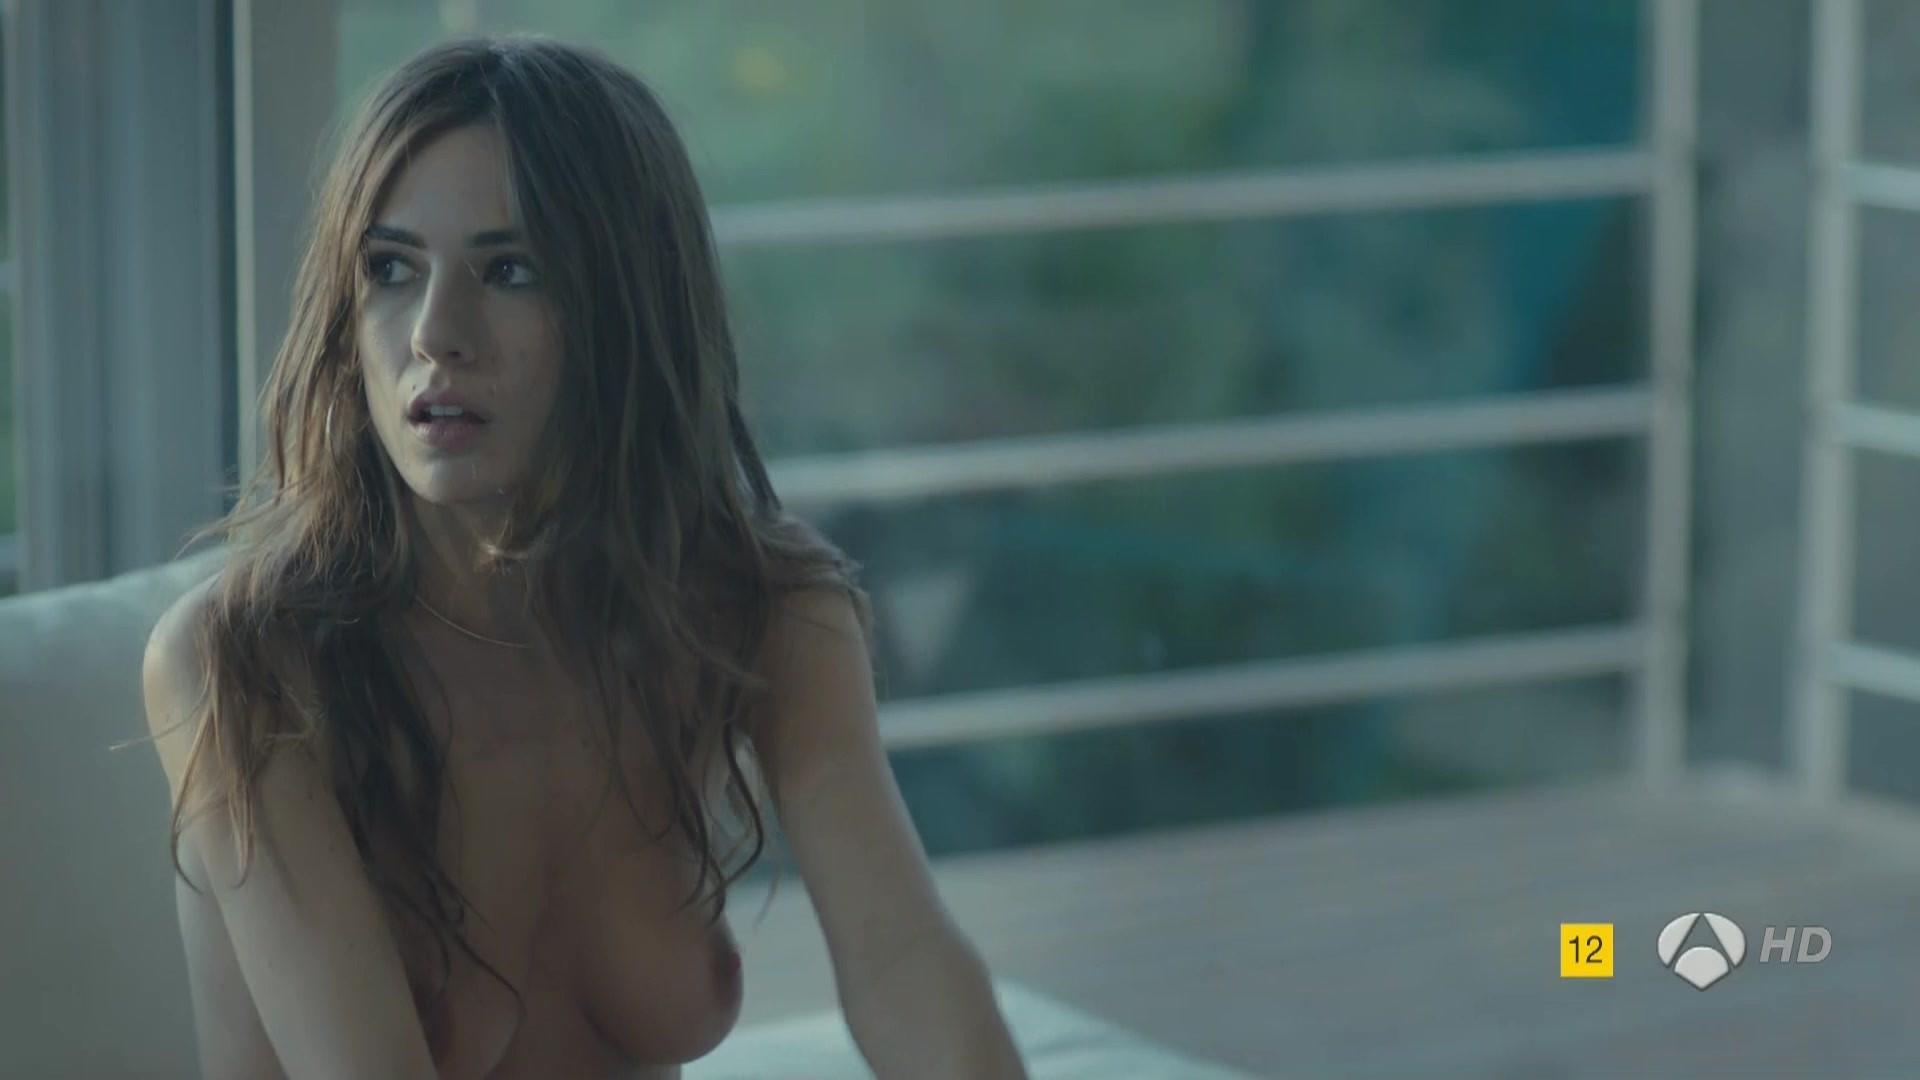 Tacuara Casares Desnuda Fotos Y Vídeos Imperiodefamosas